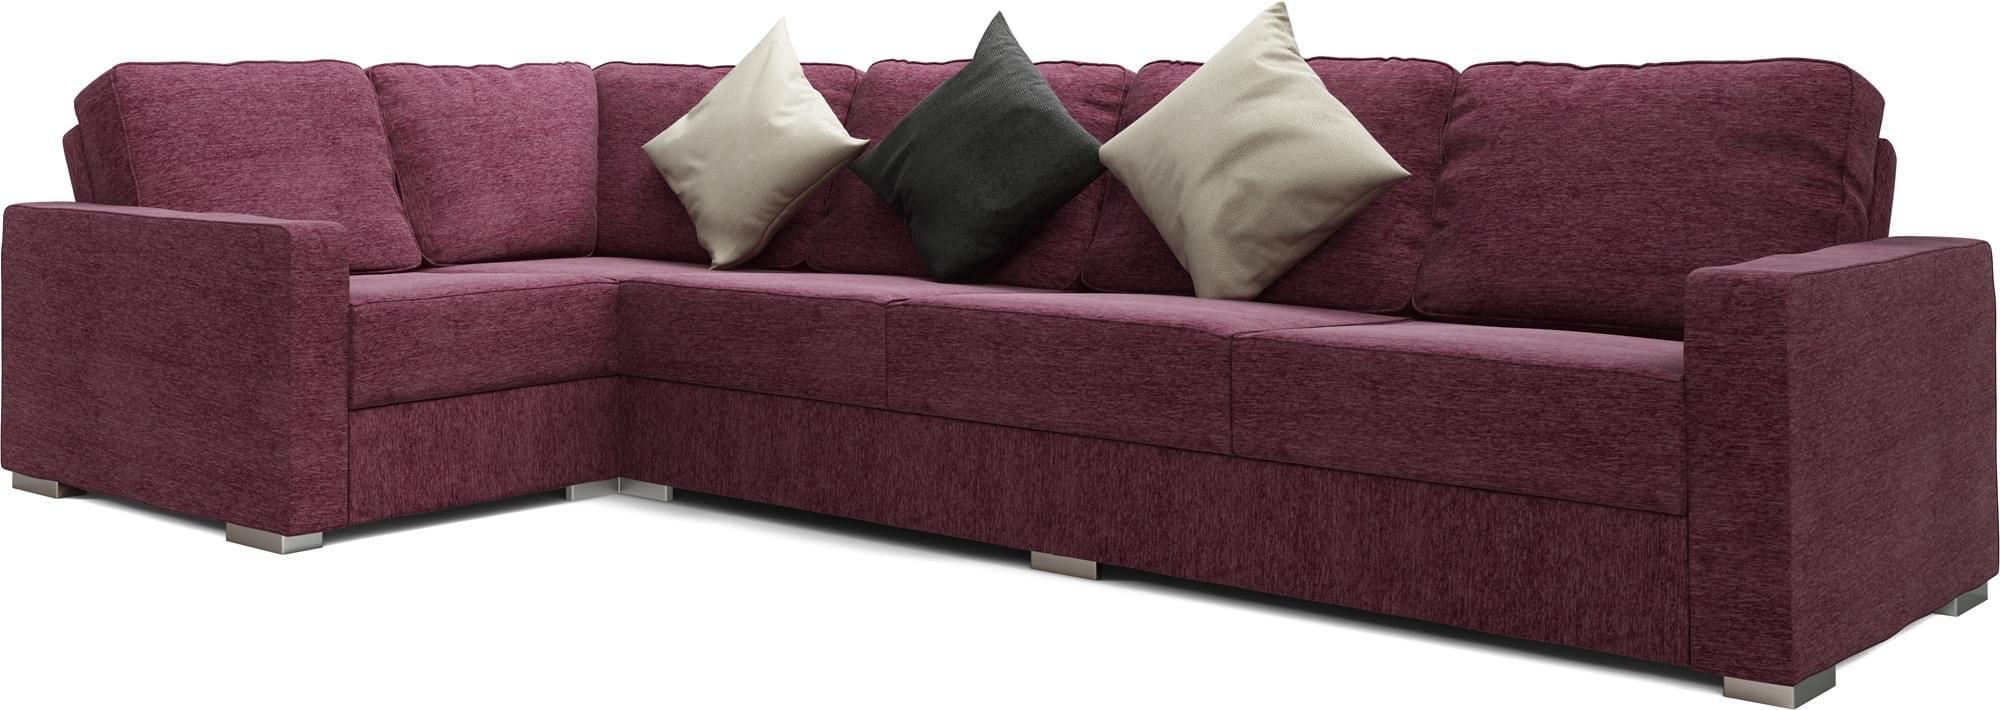 Alda 4X2 Corner Sofa